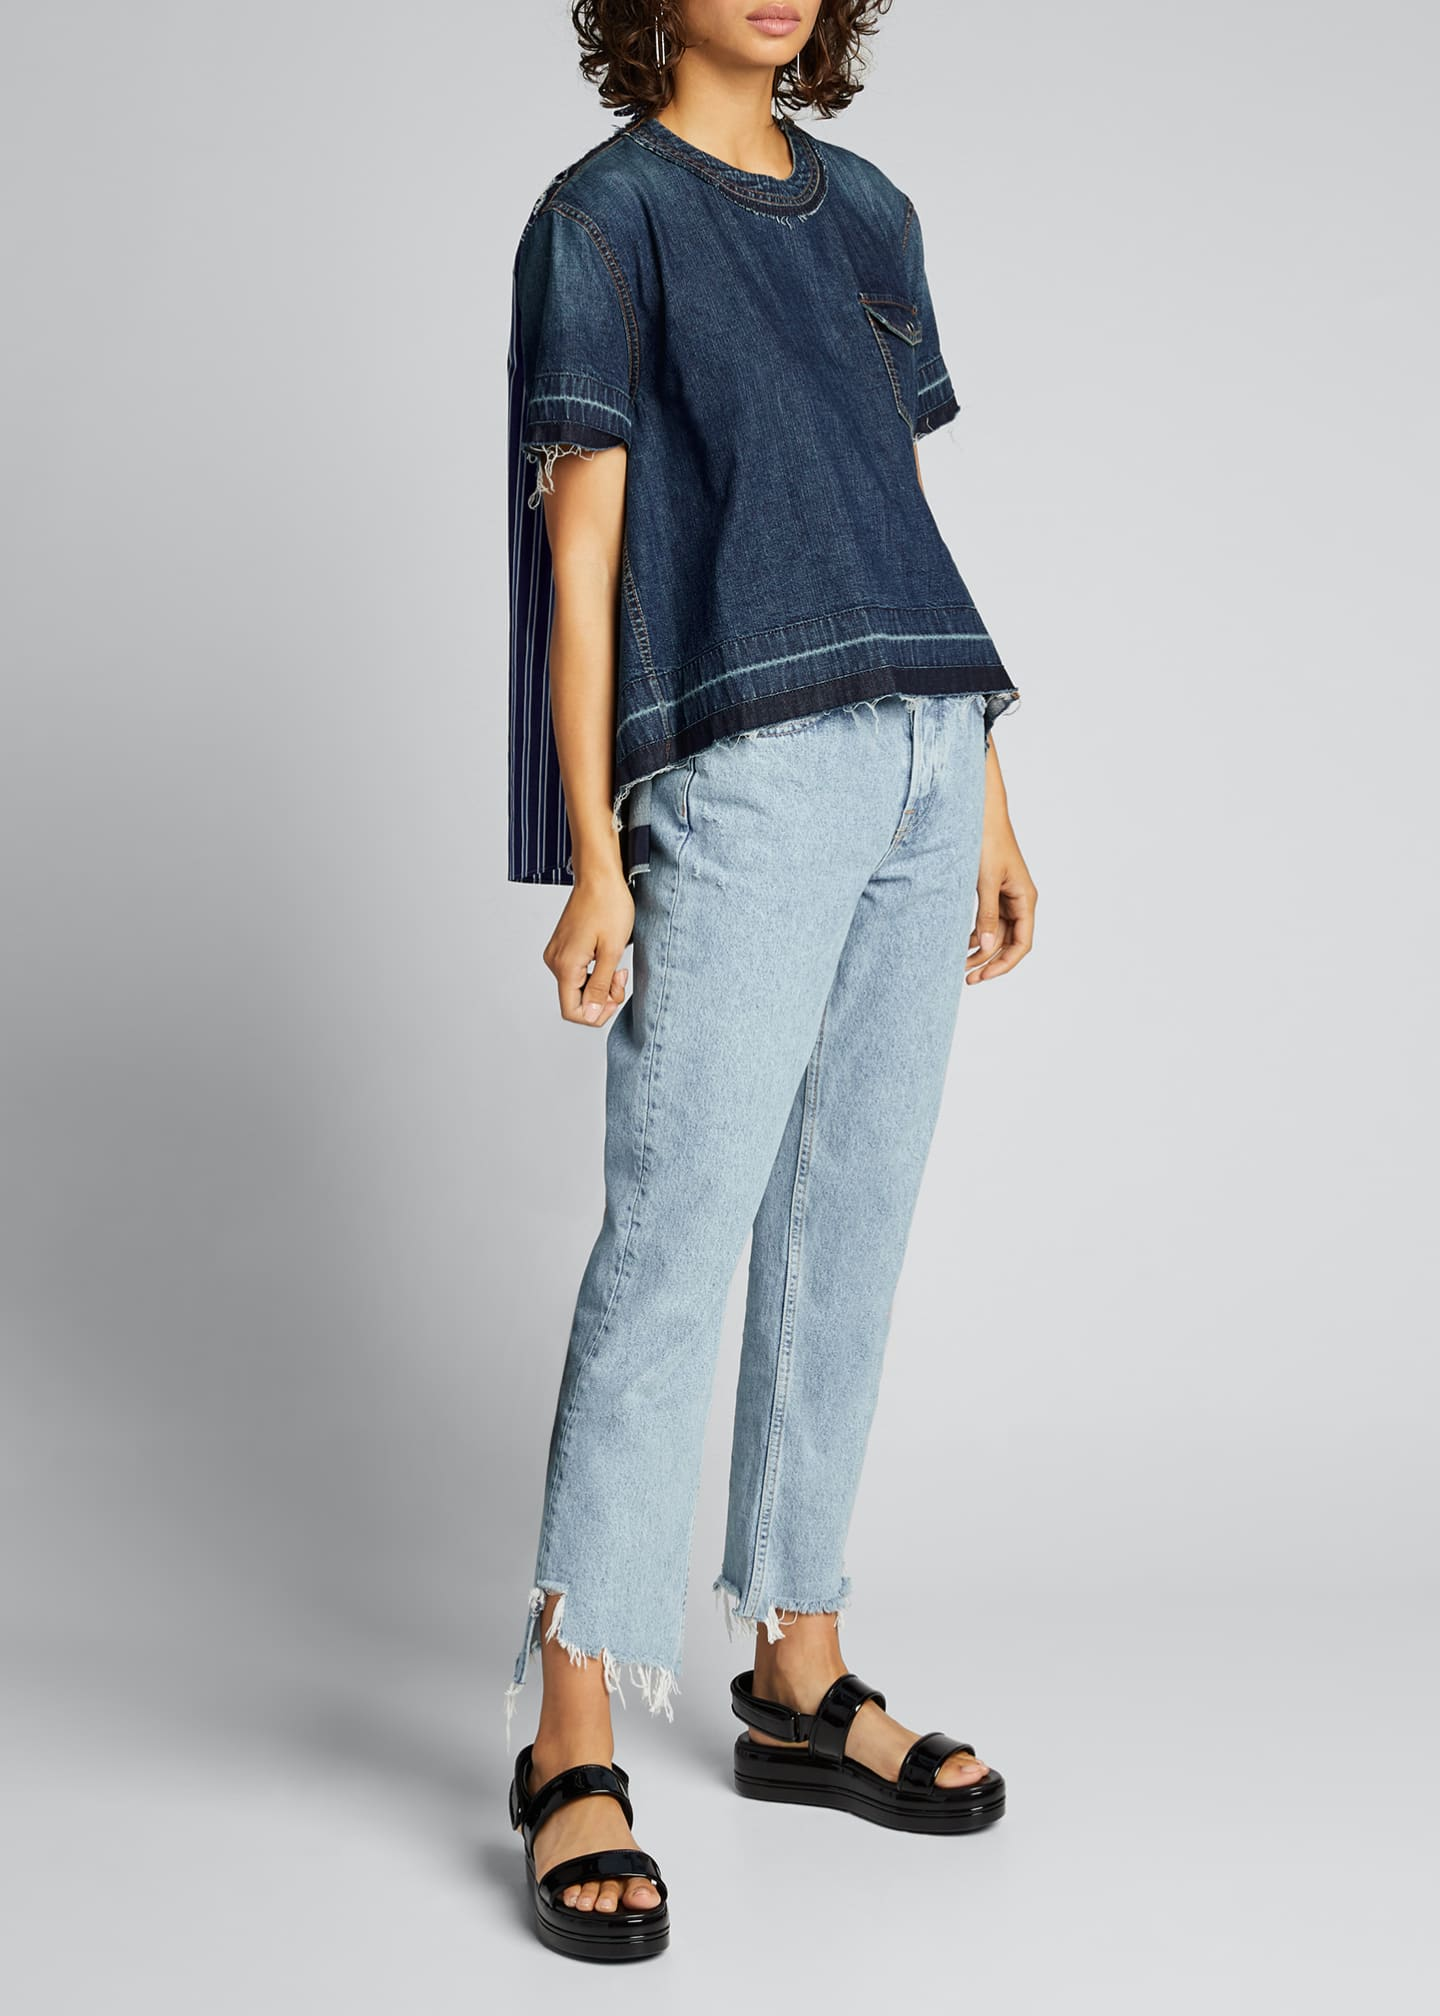 SACAI Denim-Front Handkerchief Hem Shirt